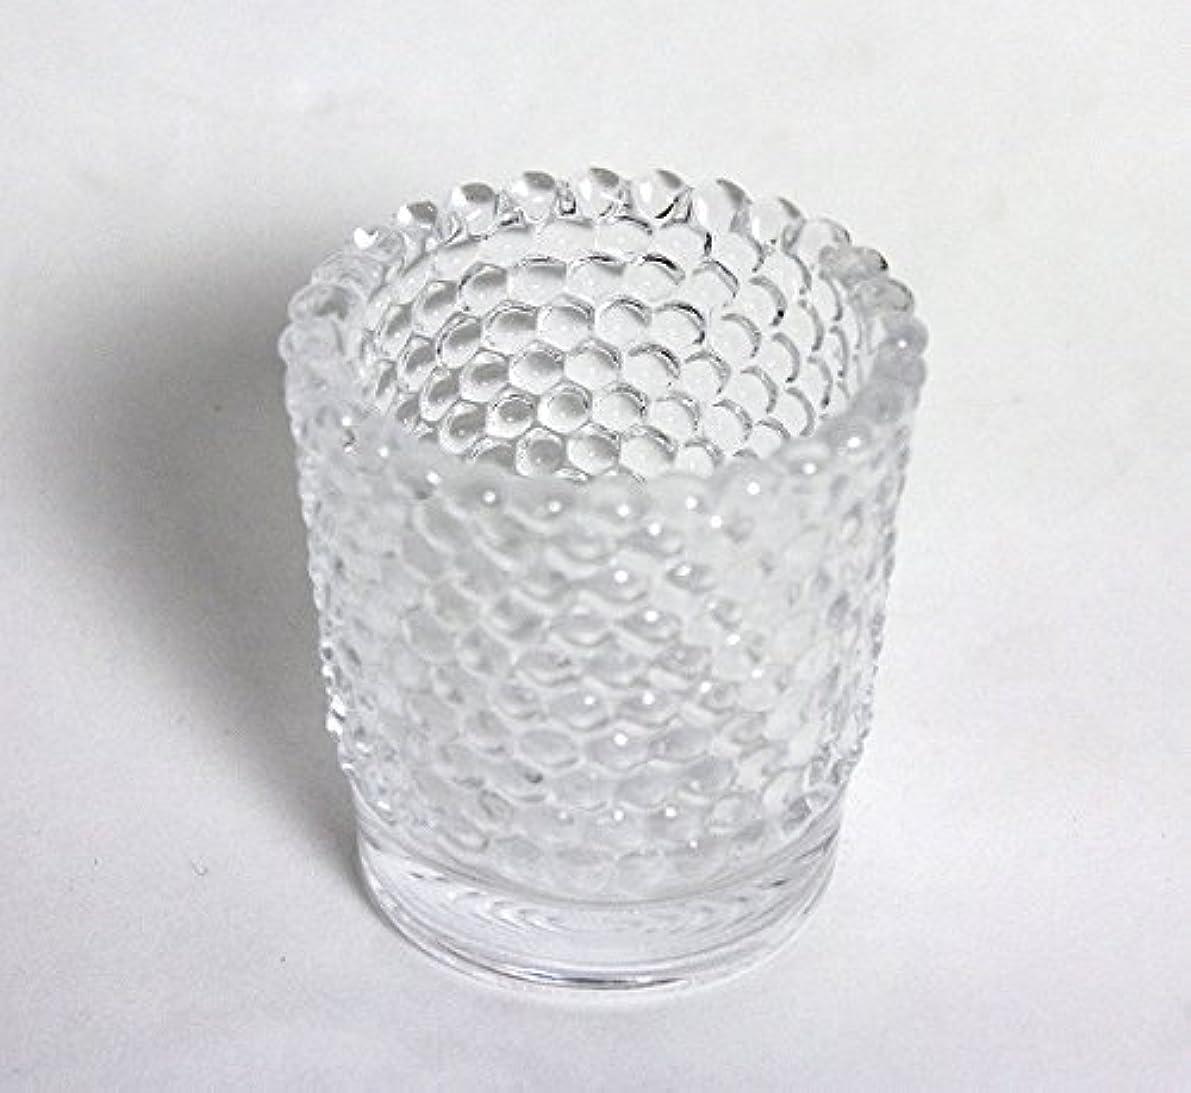 マチュピチュ姿を消す協力するカメヤマキャンドル( kameyama candle ) ホビネルグラス 「 クリスタル 」